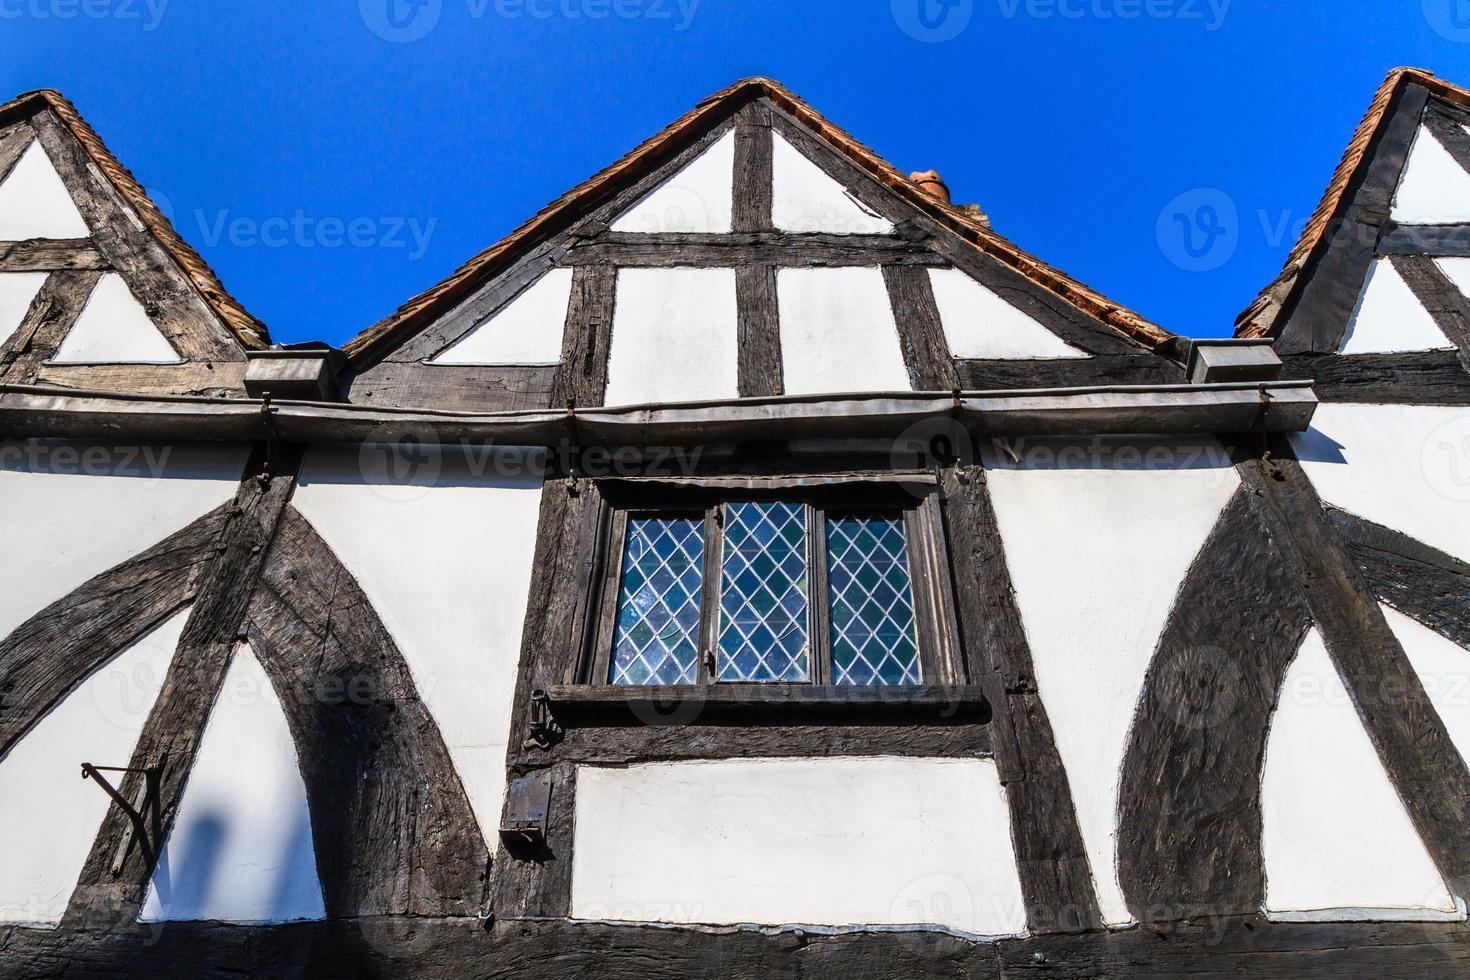 facciata di casa con struttura in legno foto